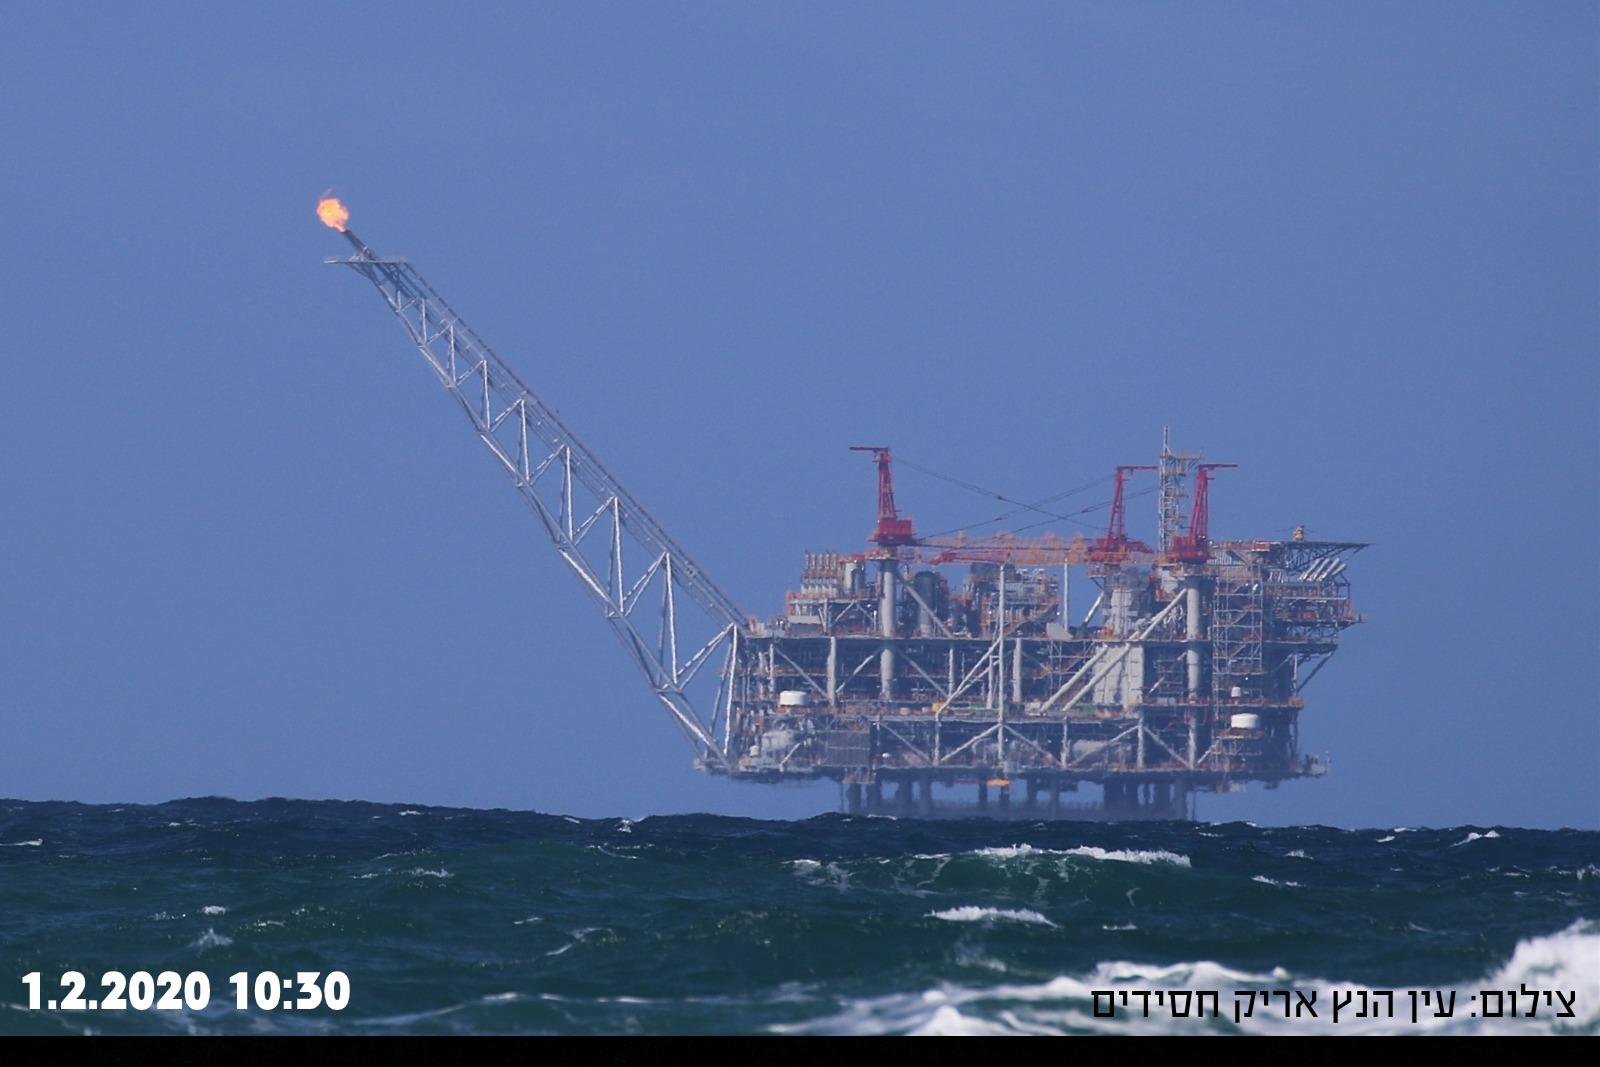 תקלה באסדת לוויתן 01-02-2020